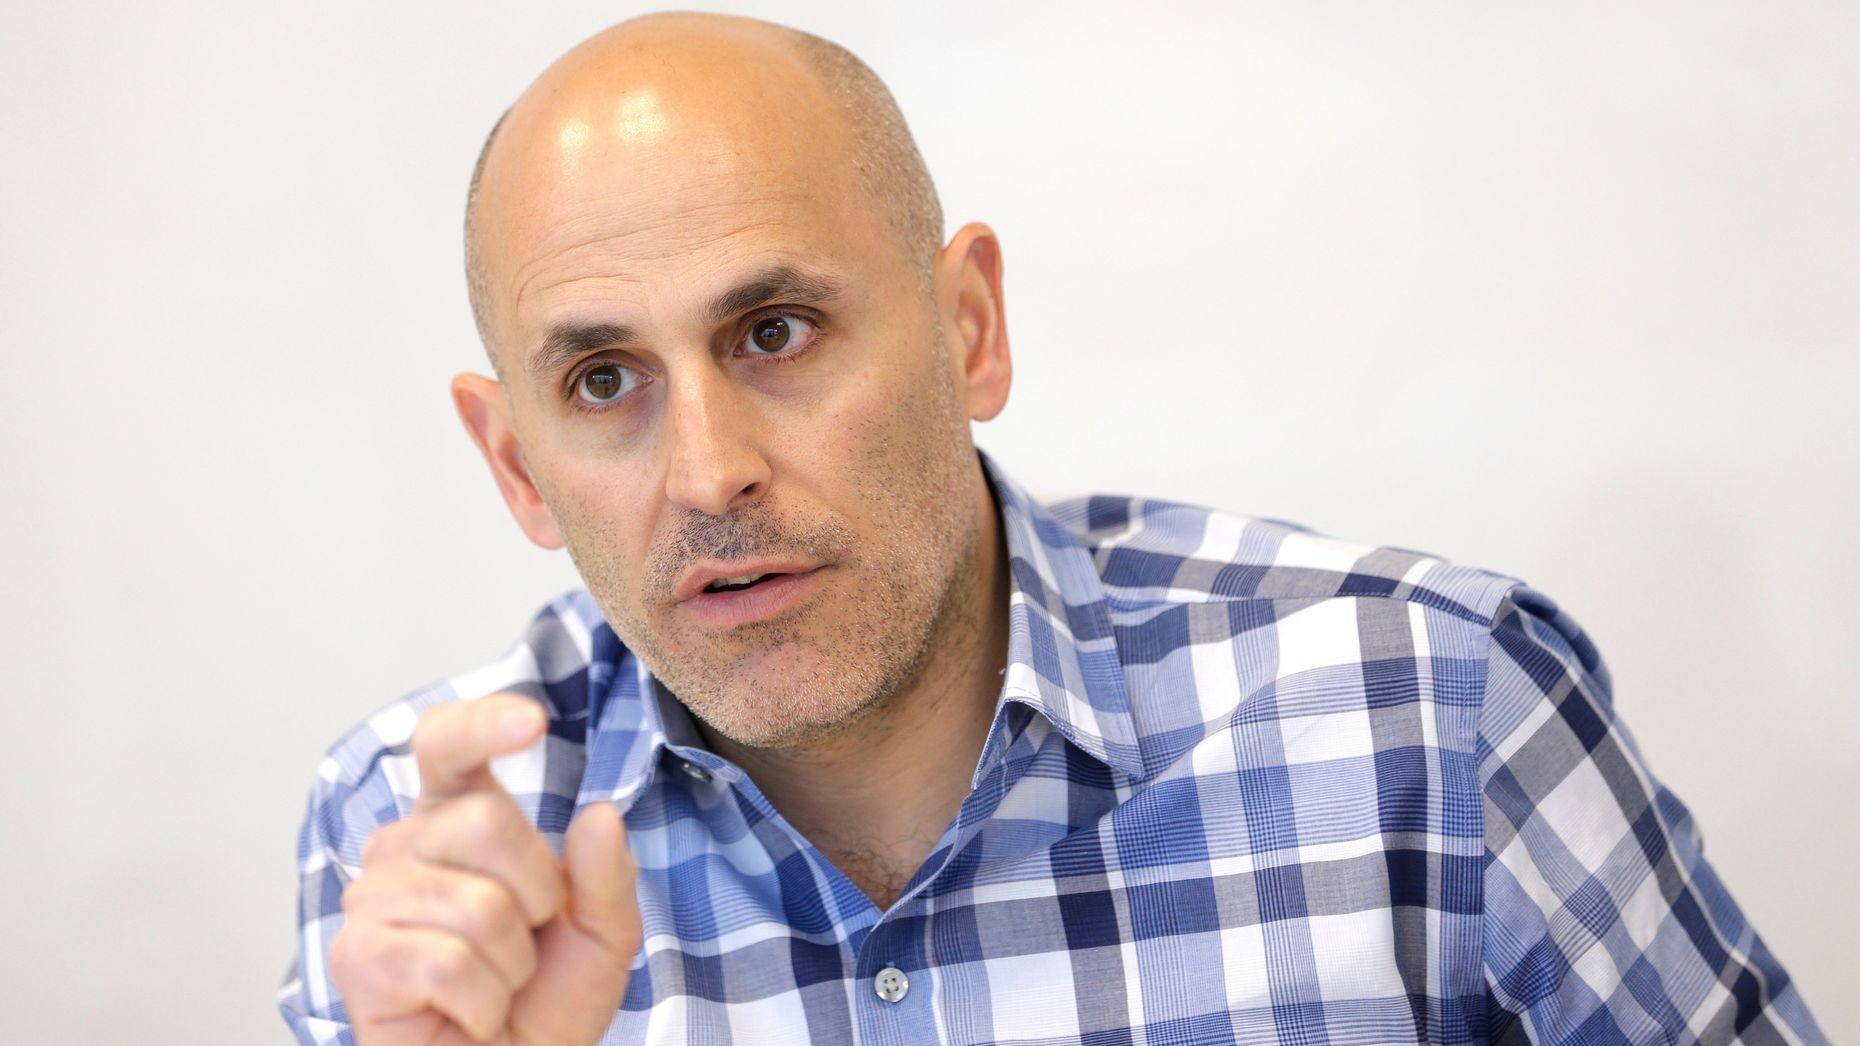 Jet.com CEO Marc Lore. Photo by AP.